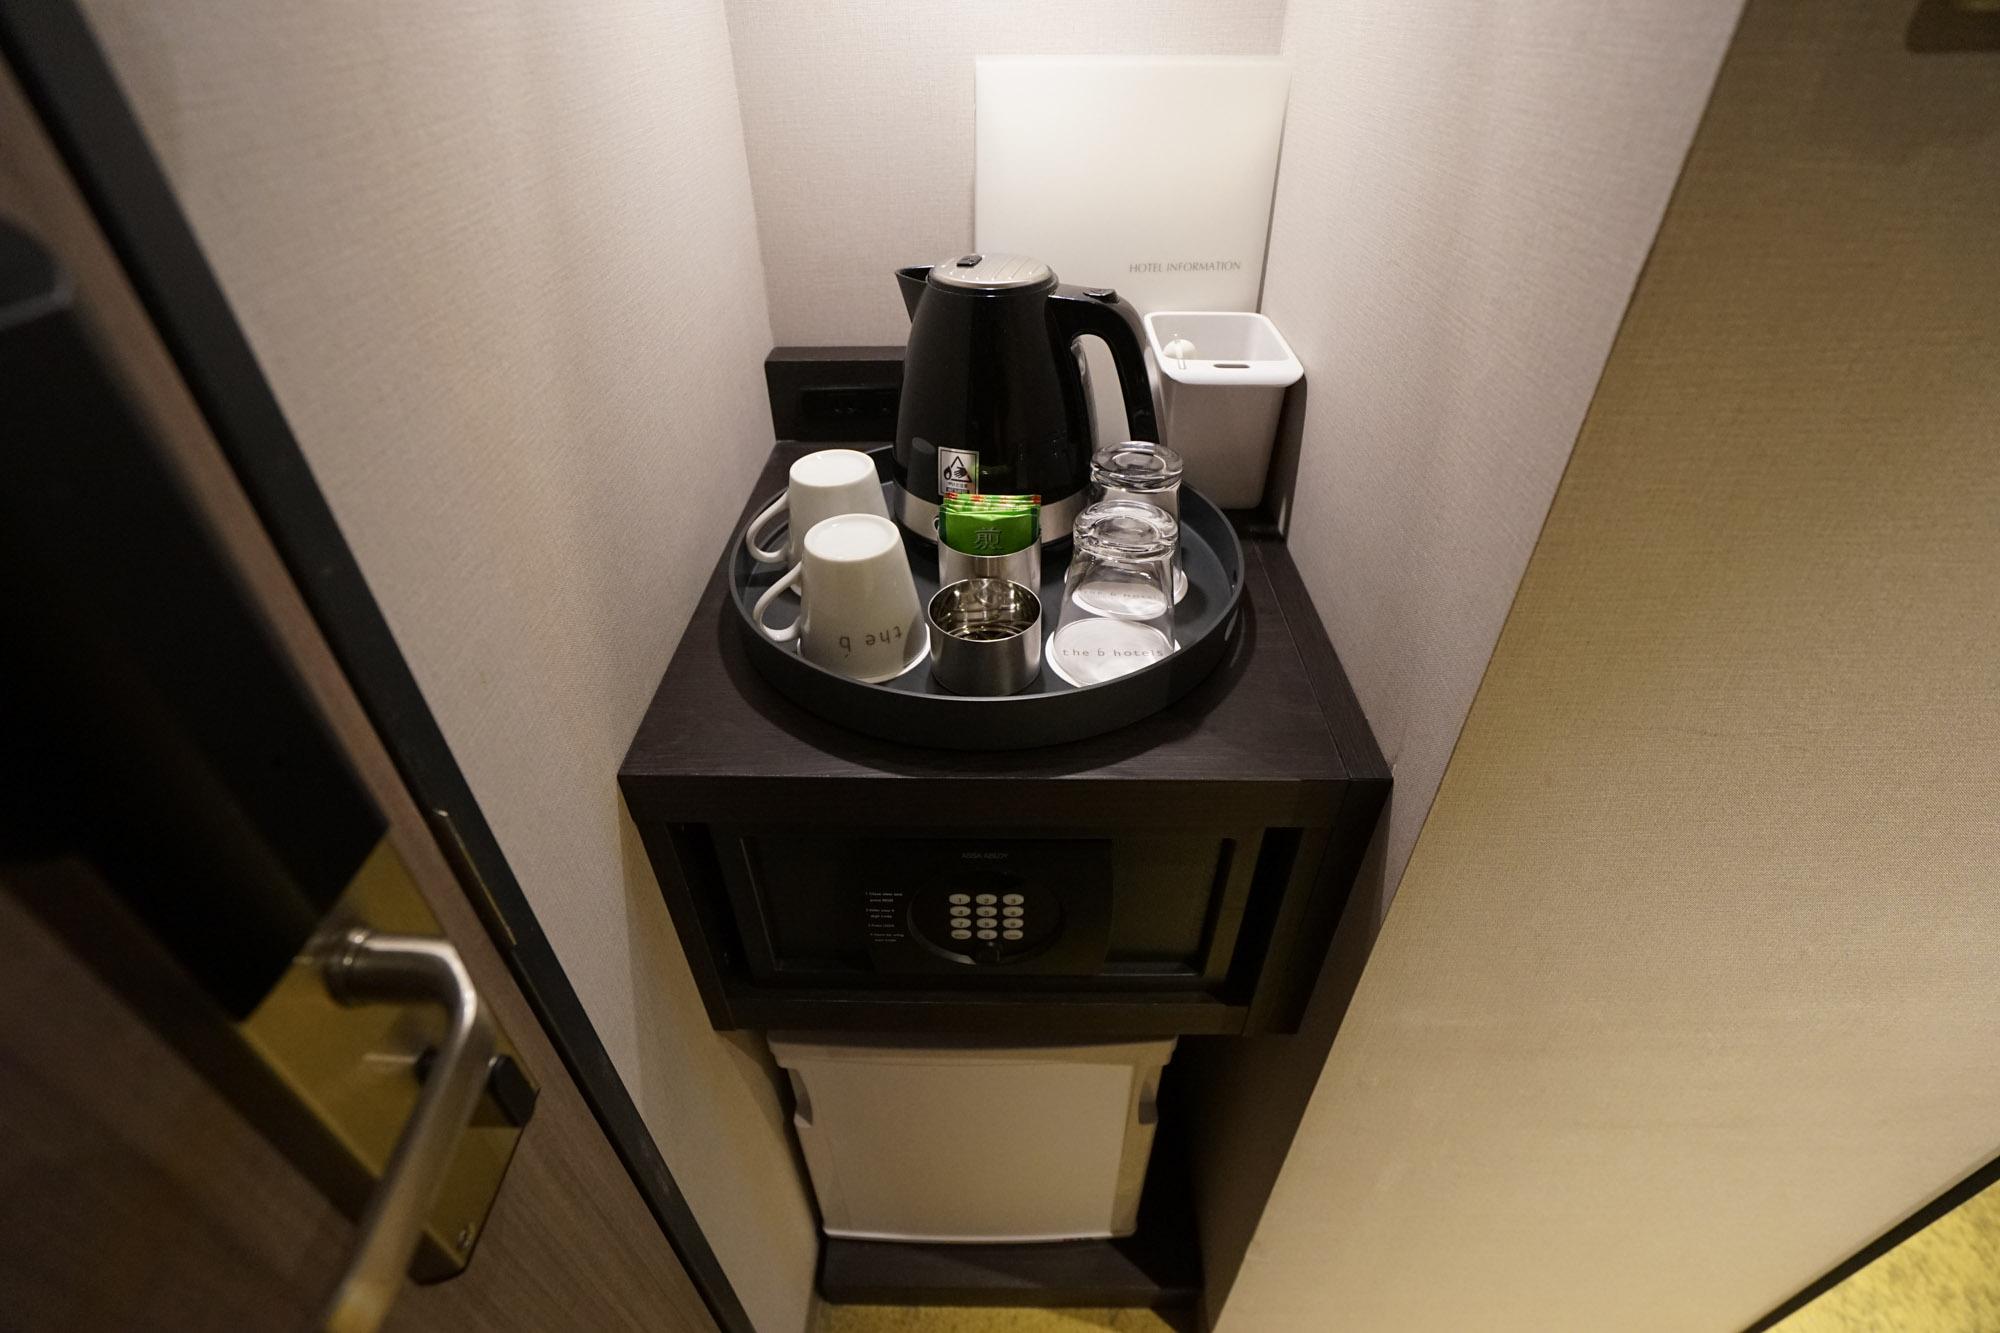 ドア横にミニ冷蔵庫と電気ポット、カップなどがあります。